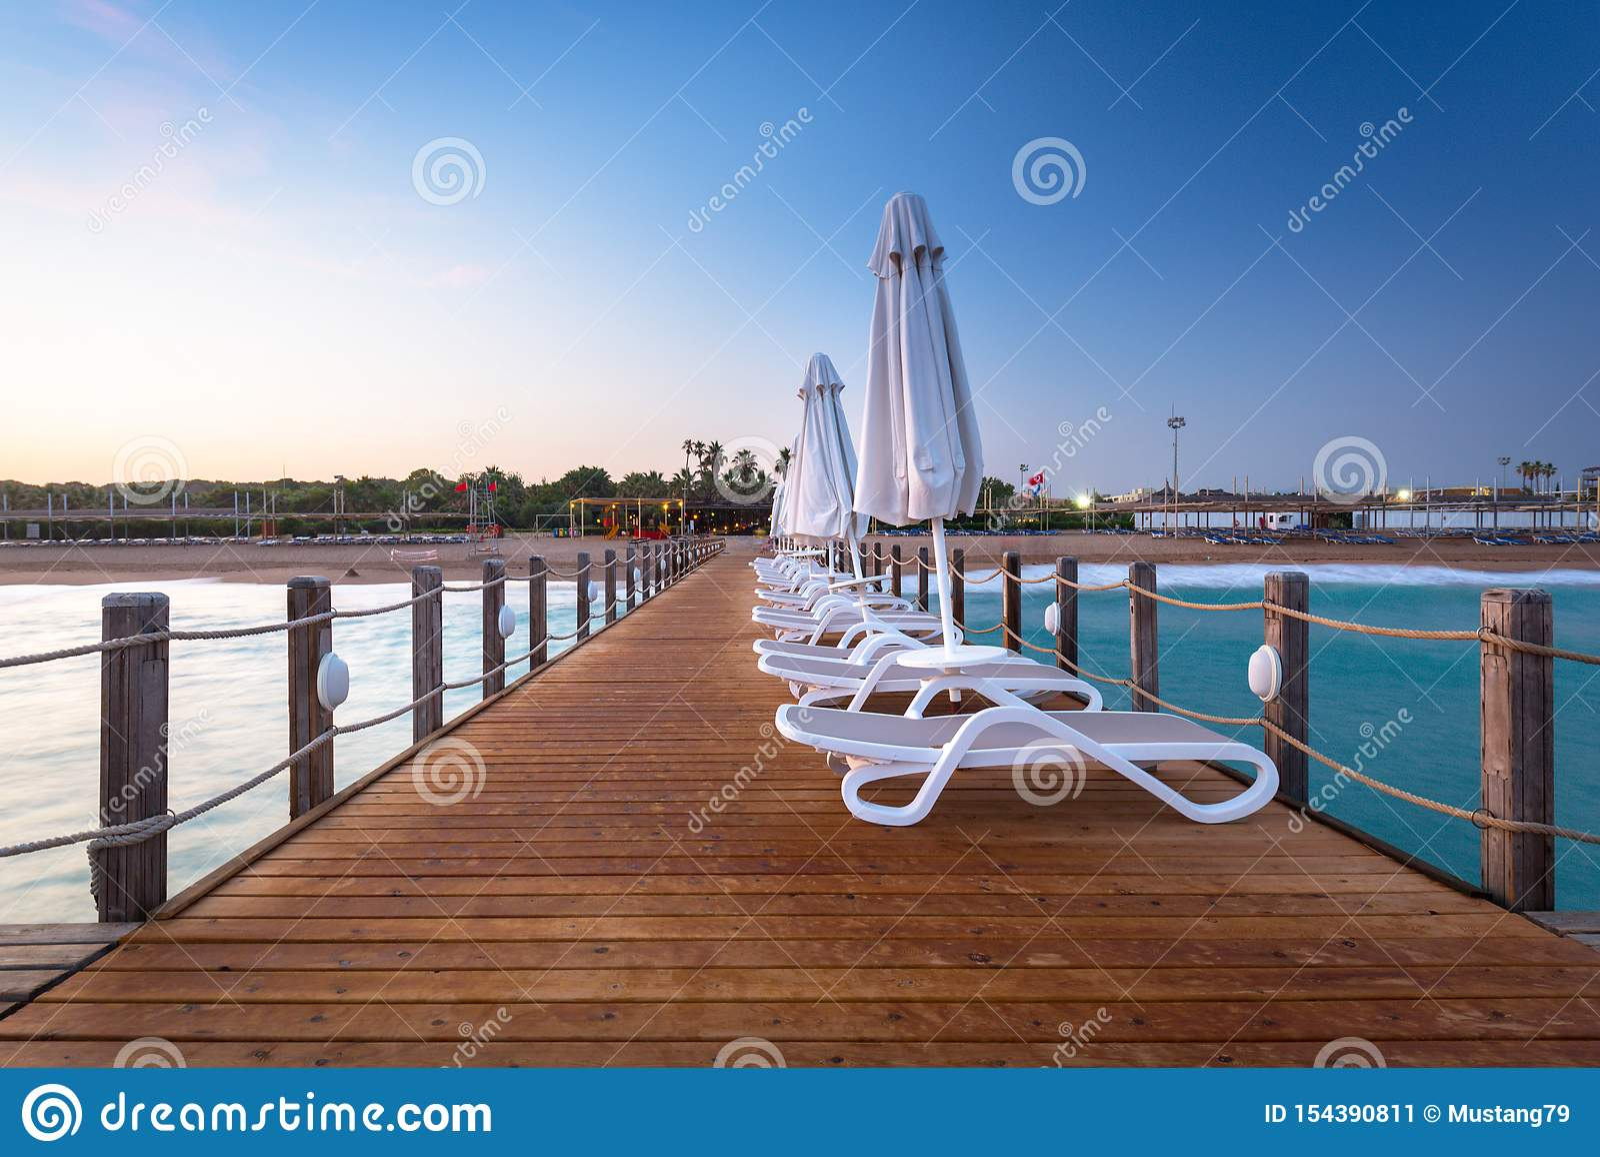 Sch?ne Landschaft mit h?lzernem Pier auf dem T?rkischen Riviera bei Sonnenuntergang, Seite